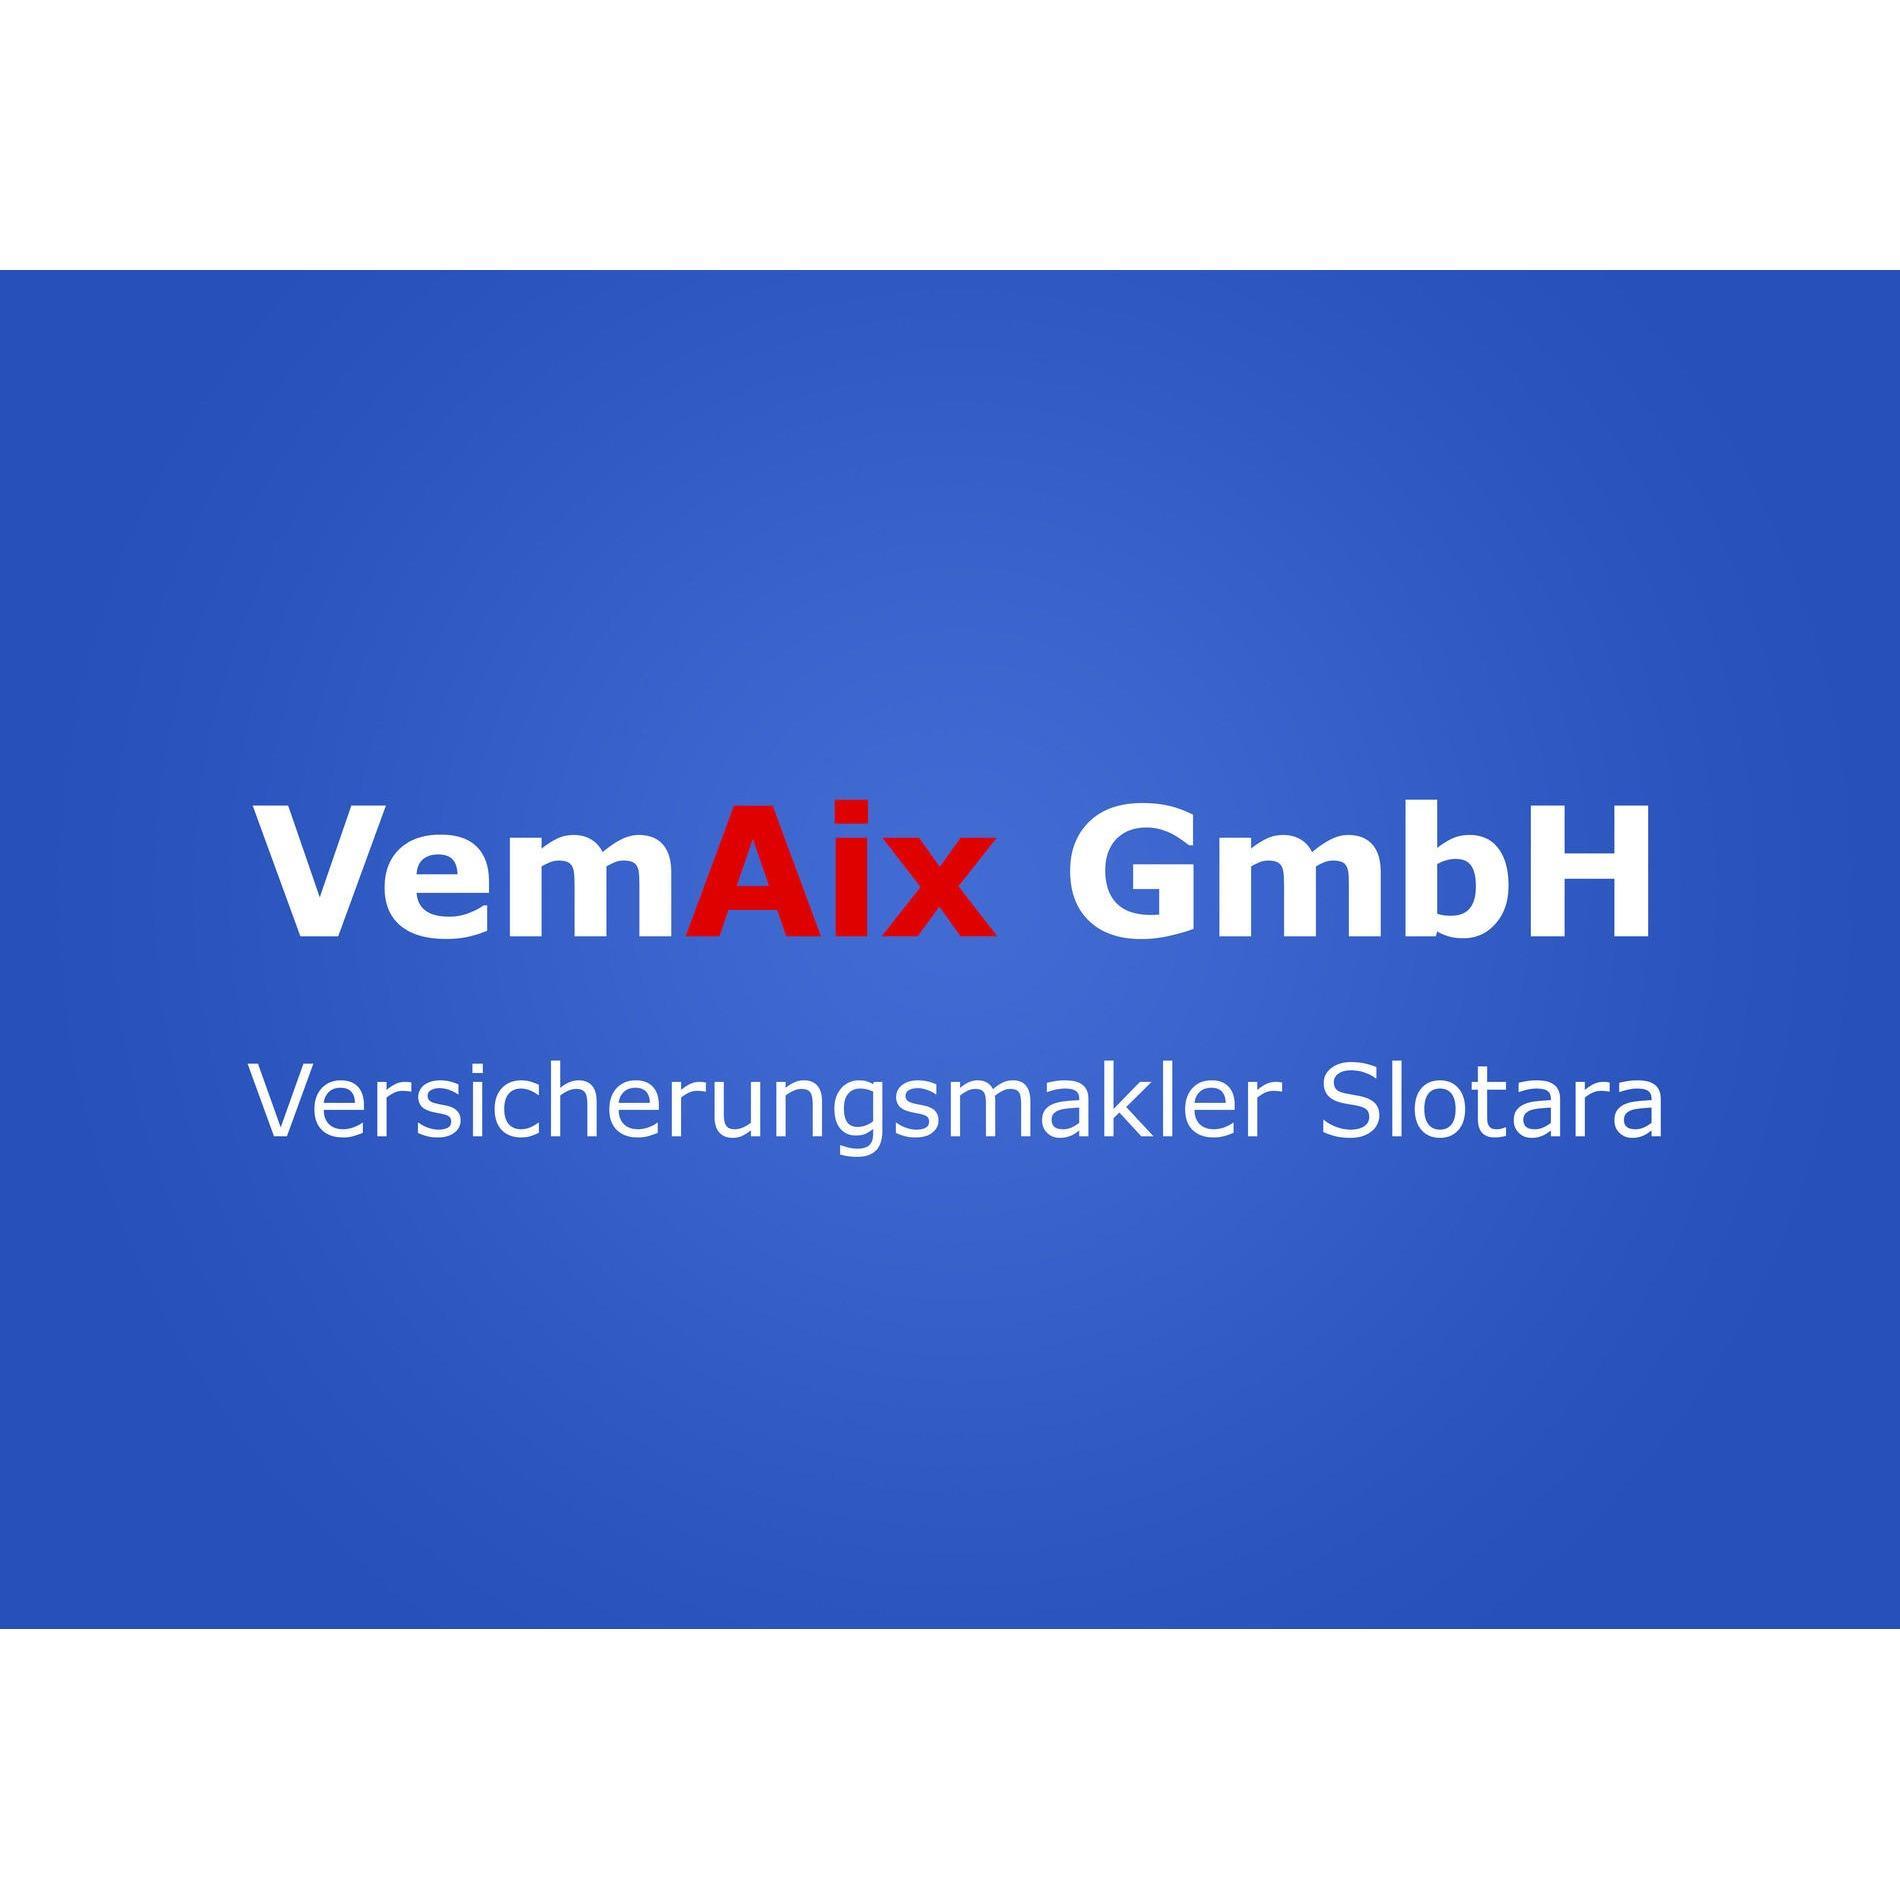 Bild zu VemAix GmbH - Versicherungsmakler Slotara in Baesweiler